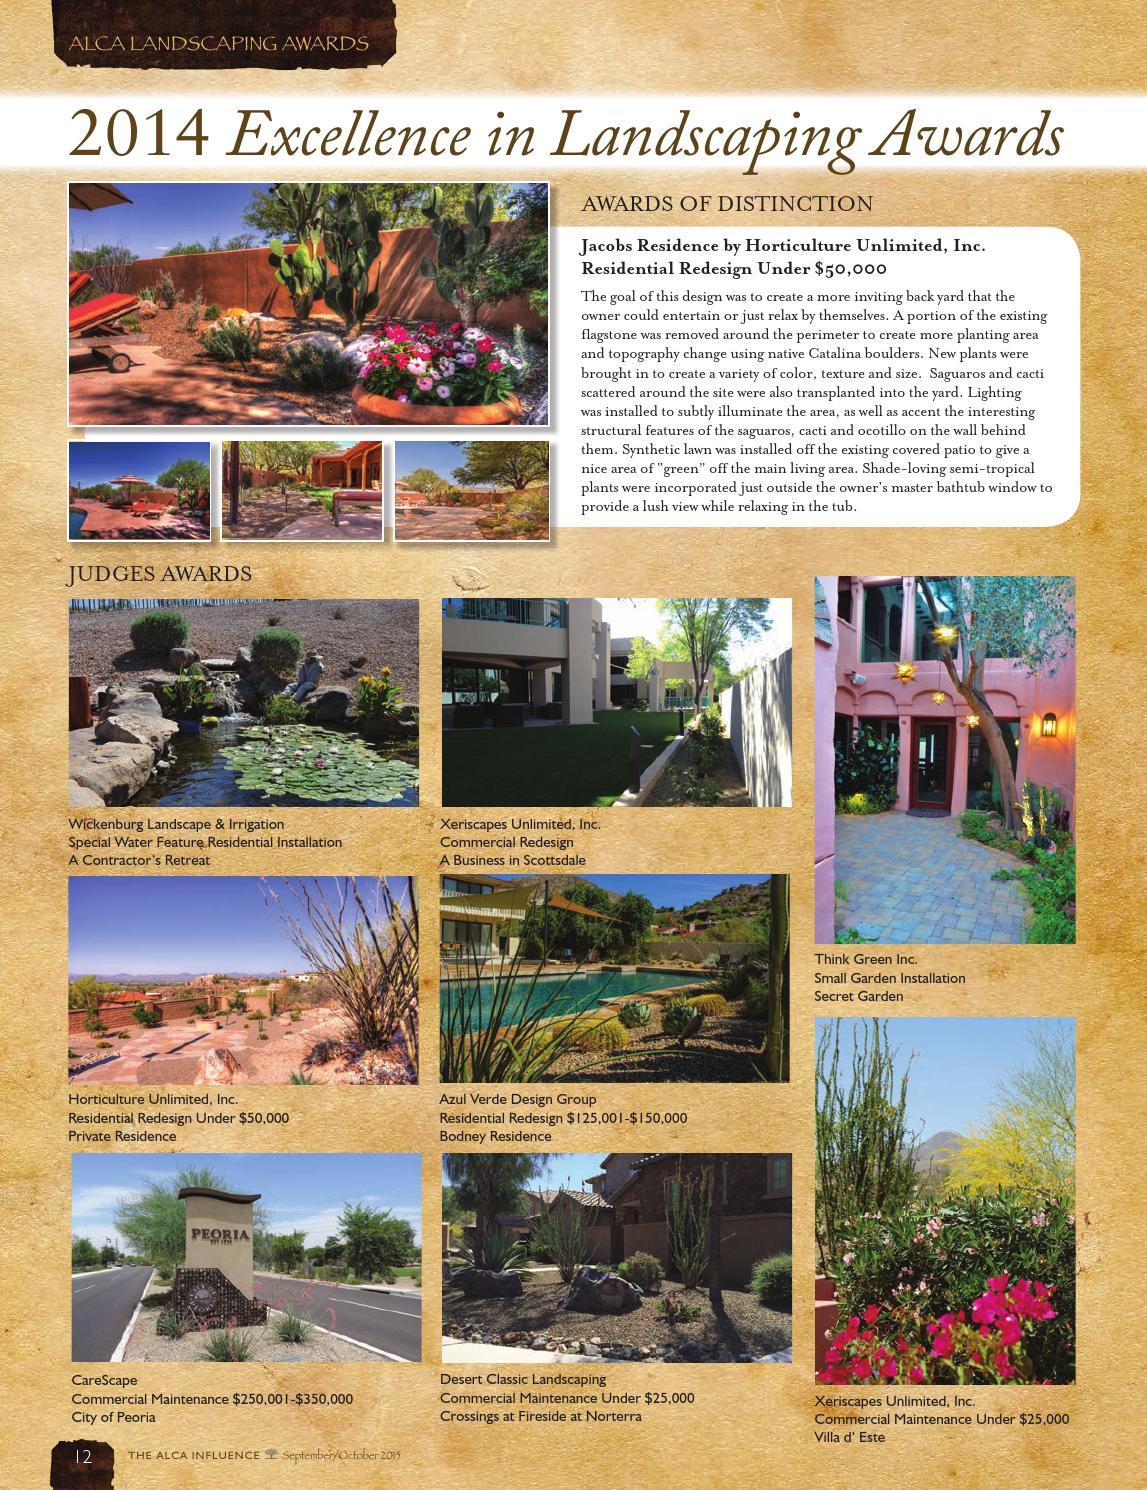 Desert Classic Landscaping